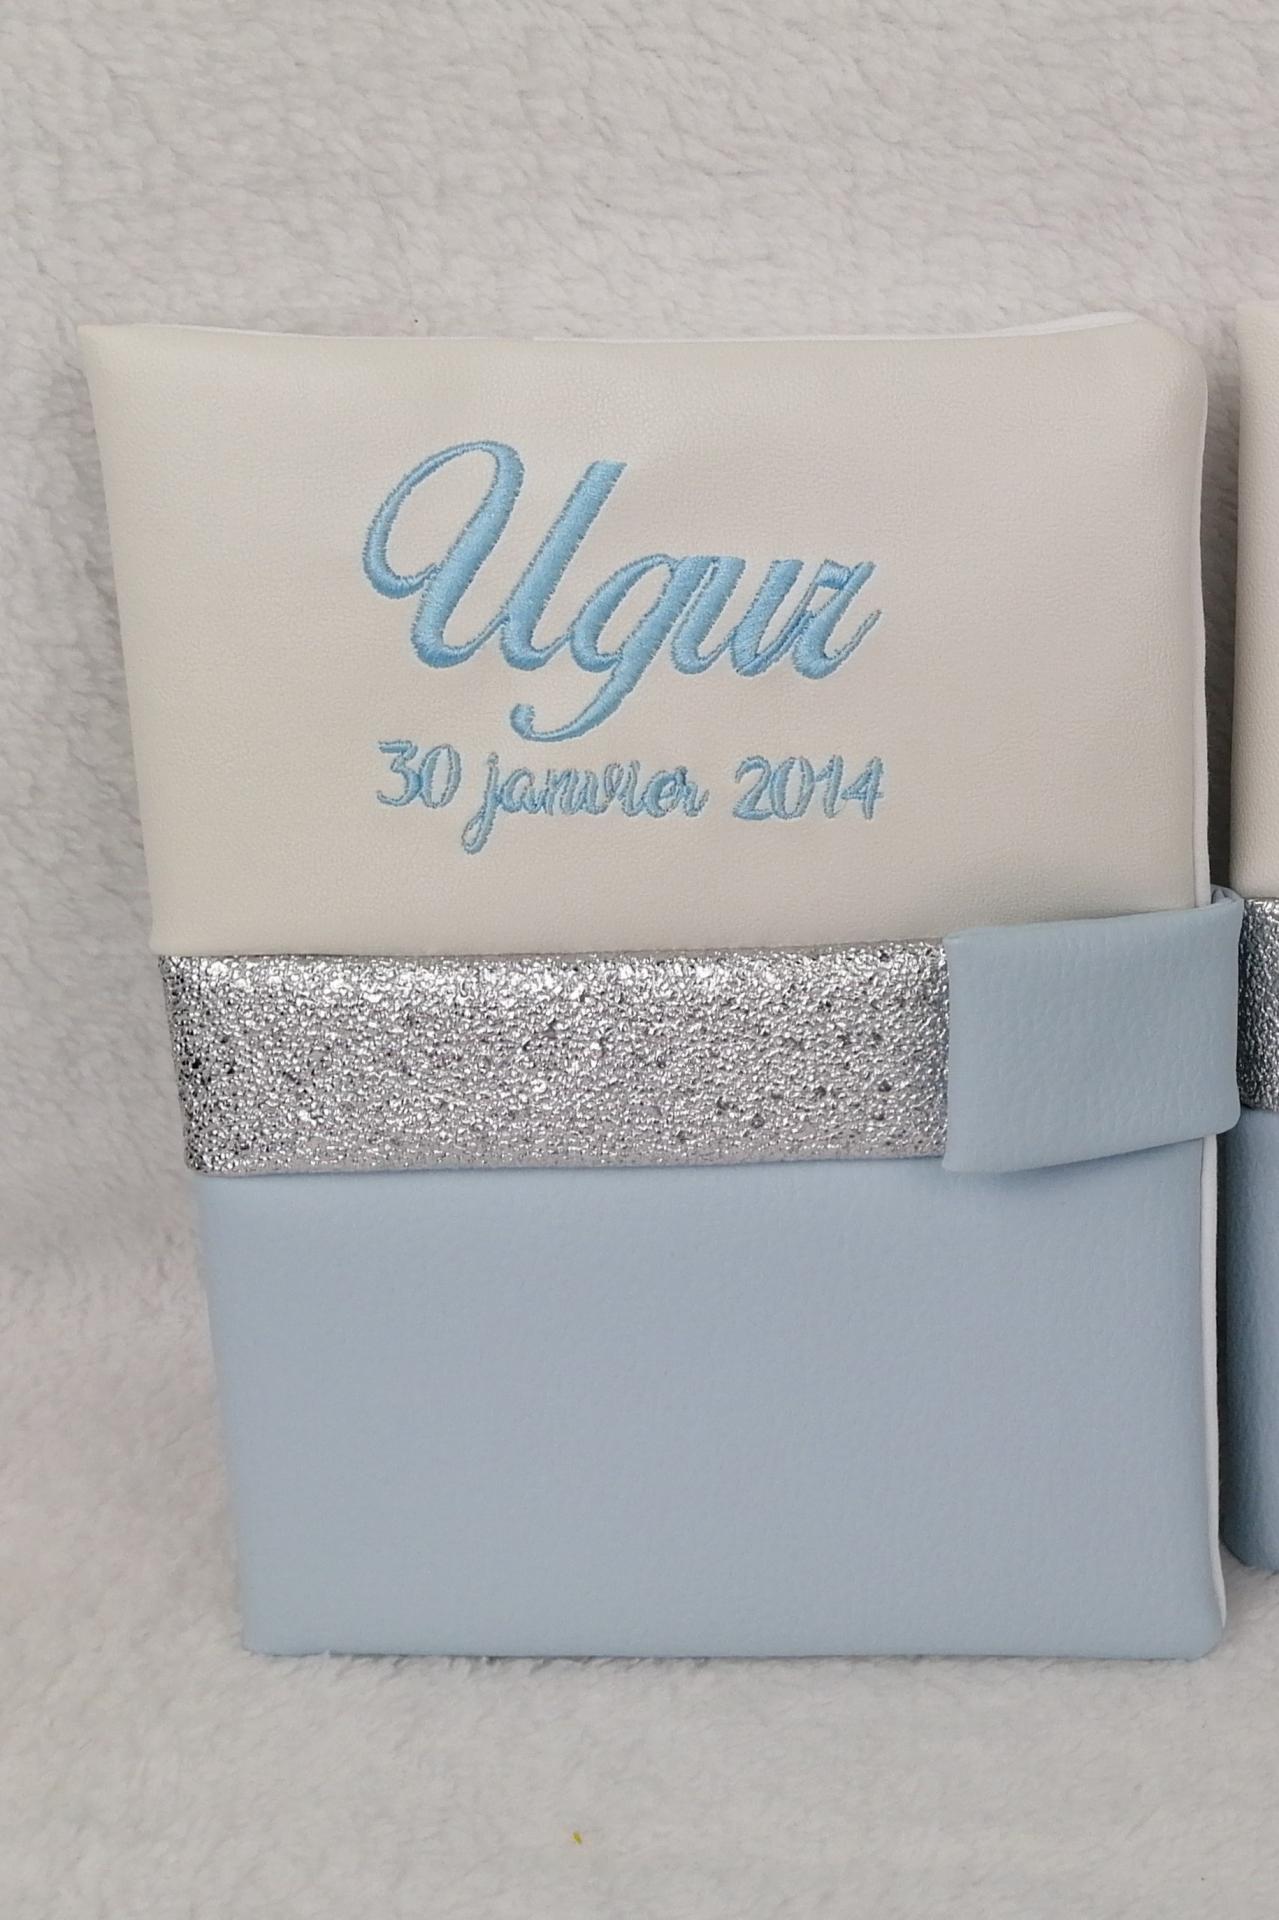 Carnet sante personnalise simili blanc bleu ciel argent